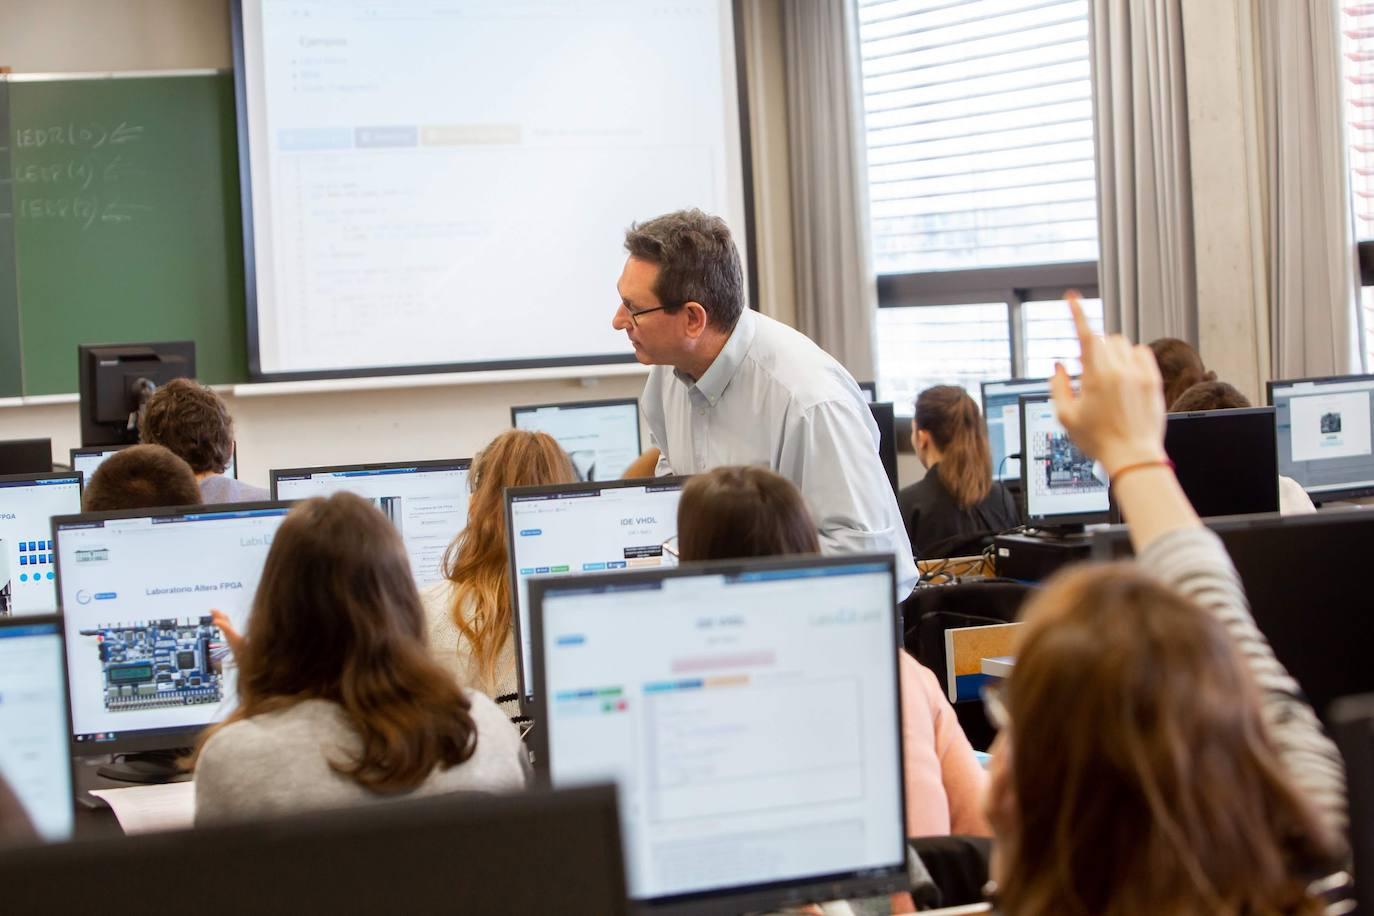 Un laboratorio virtual para continuar con las prácticas de colegios y universidades